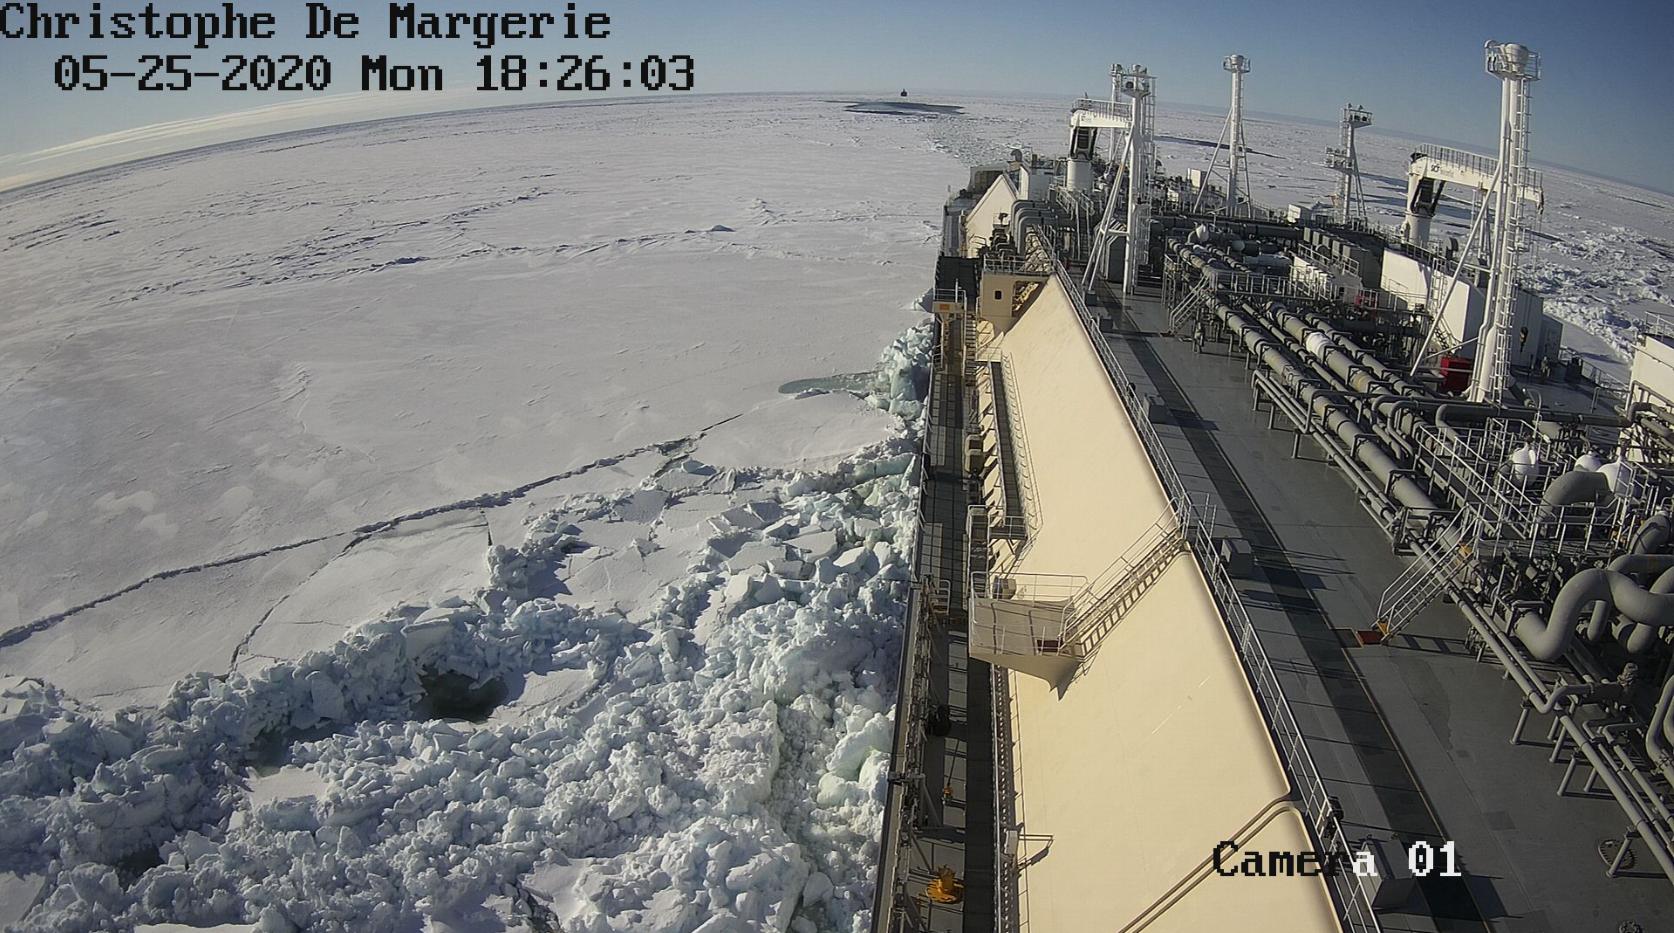 Рис.3. Изображение с газовоза «Кристоф де Маржери», отображаемое на онлайн-портале, 25 мая 2020 г. в Восточно-Сибирском море.